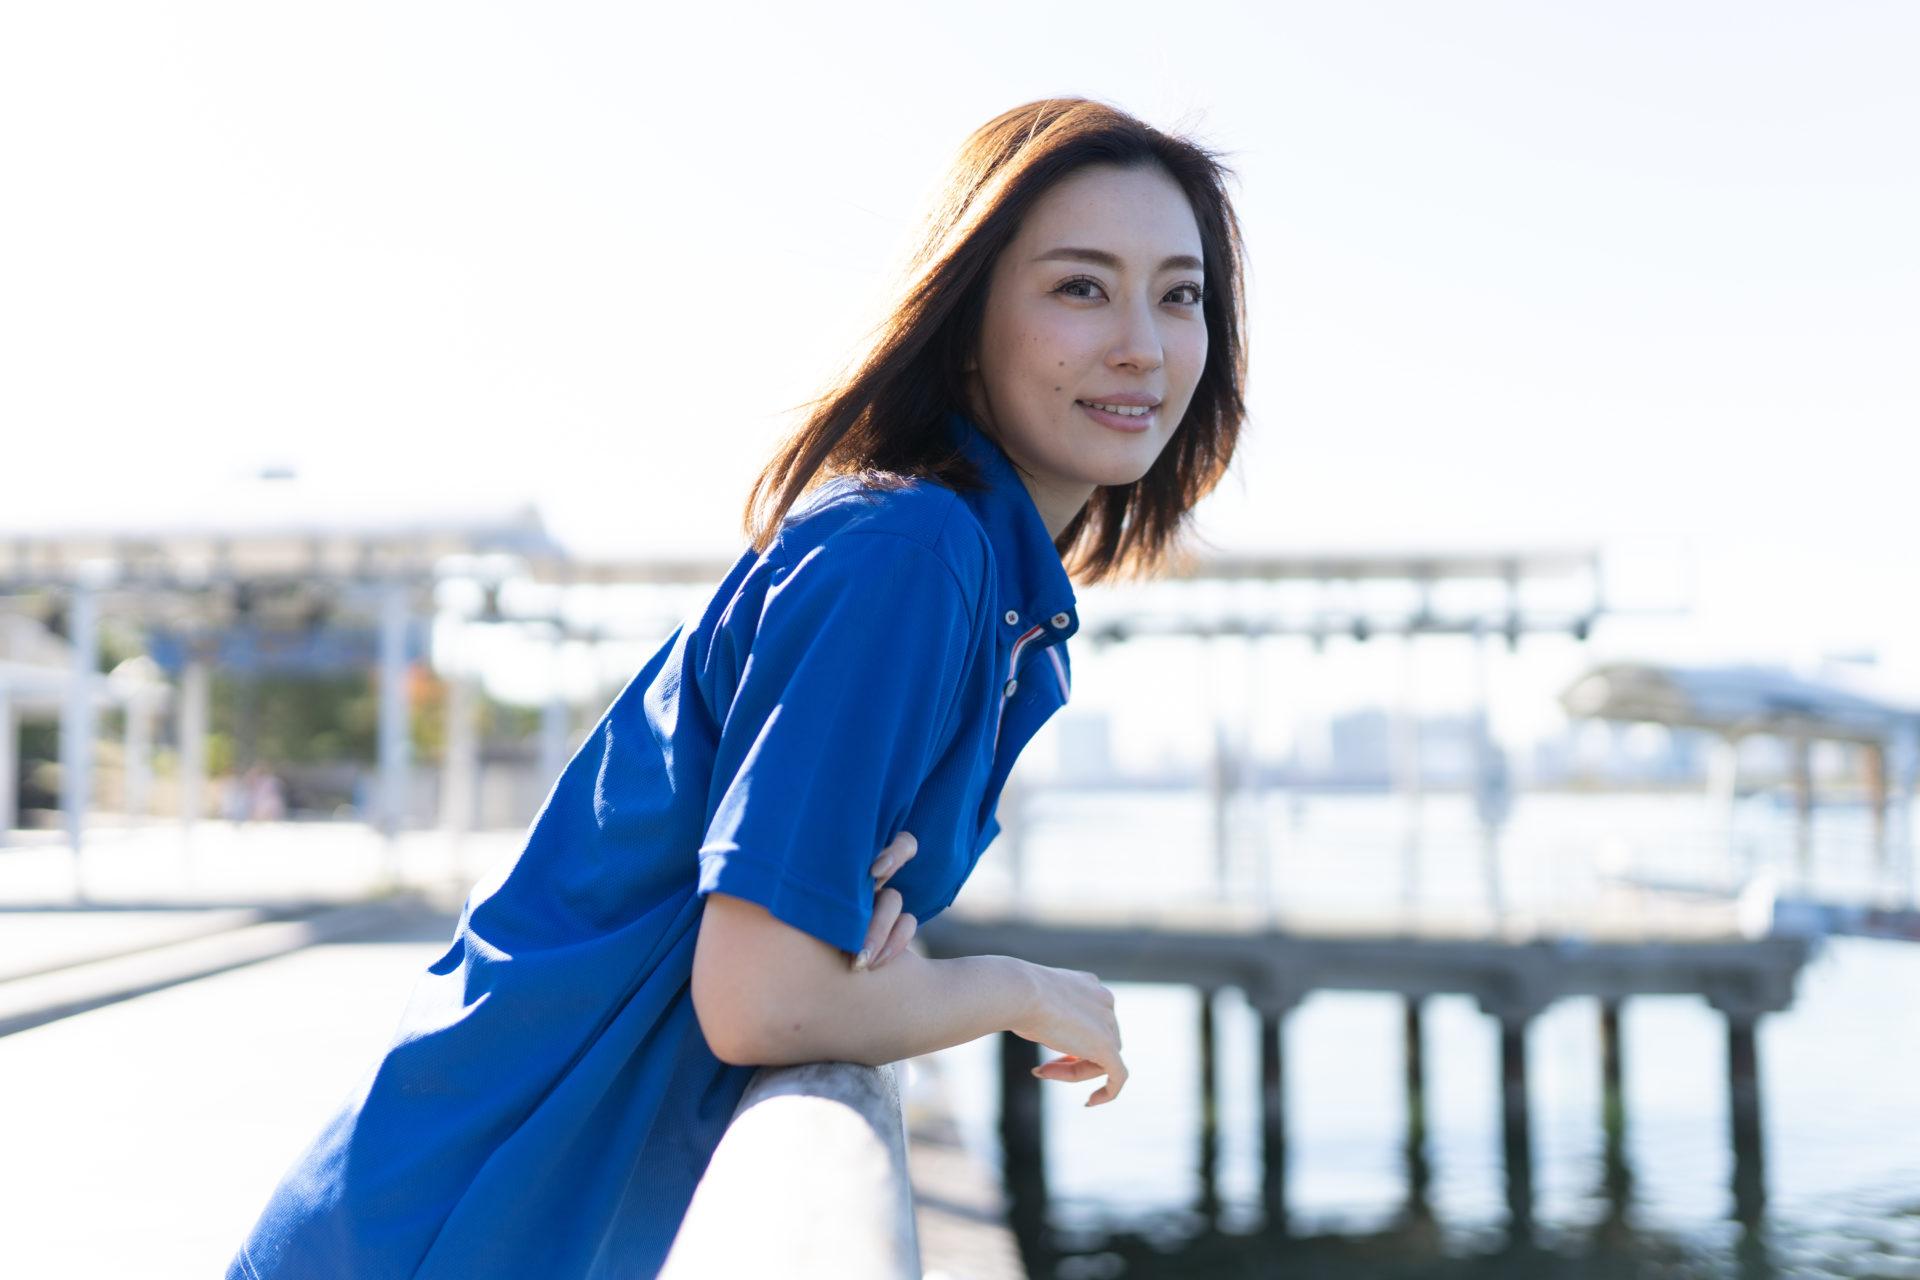 水辺でポーズを取る若い女性